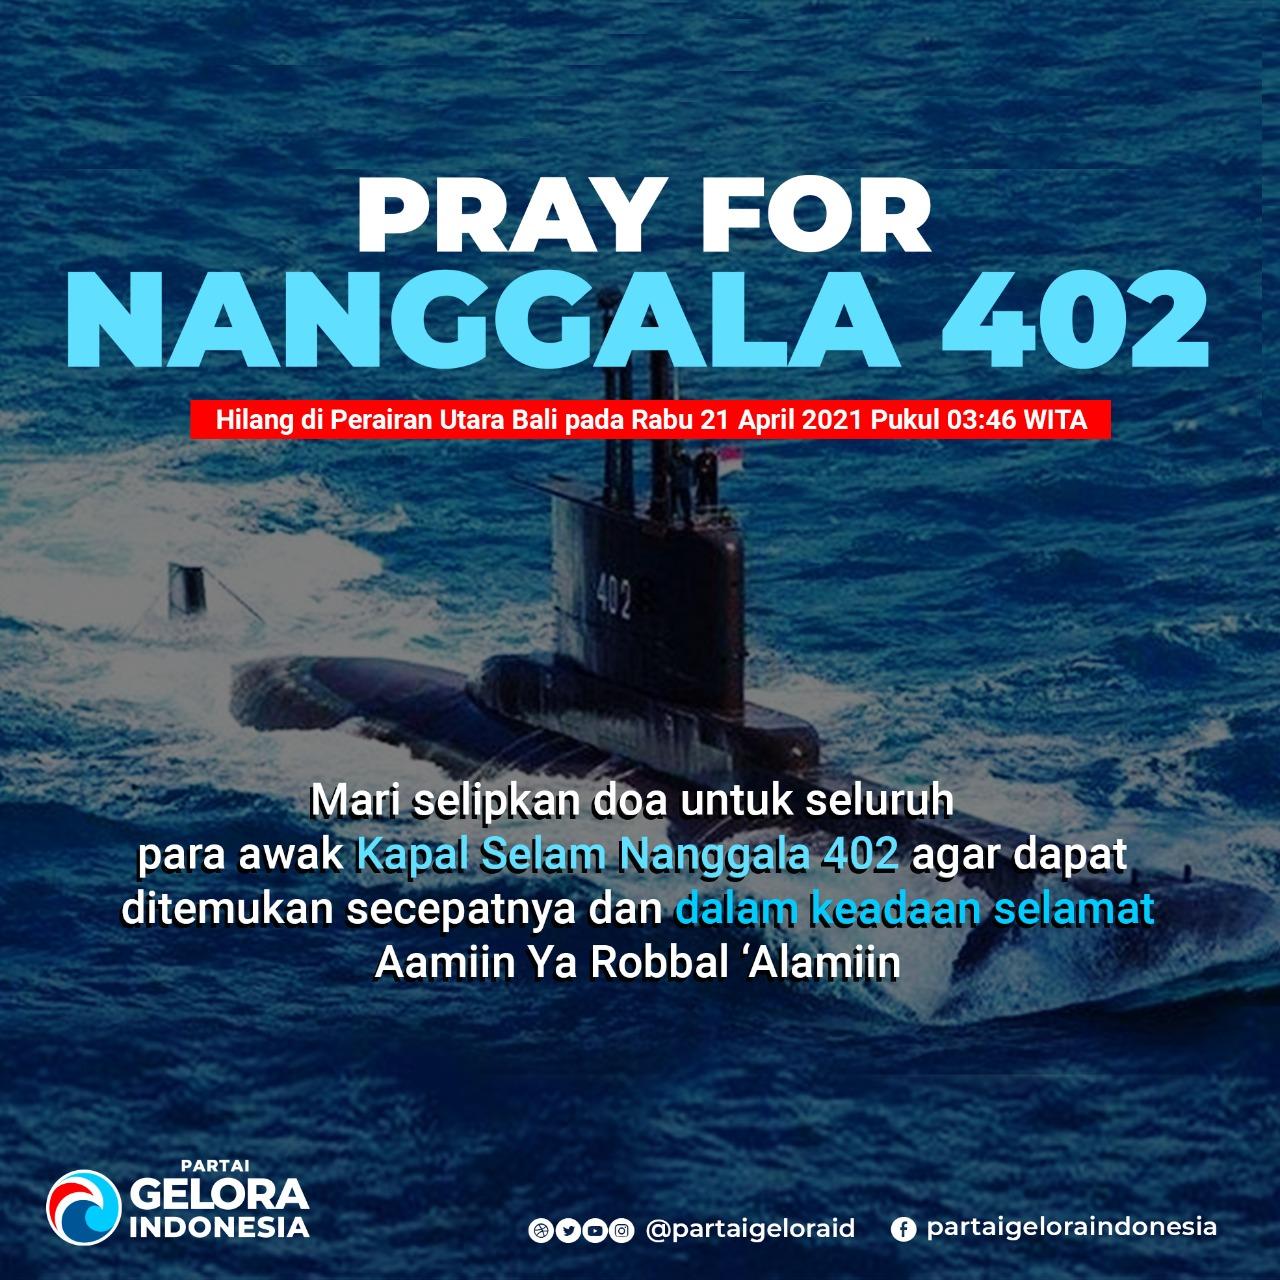 Pray For Nanggala 402, Anis Matta Ajak Rakyat Indonesia Berdoa untuk Keselamatan Seluruh Awak Kapal